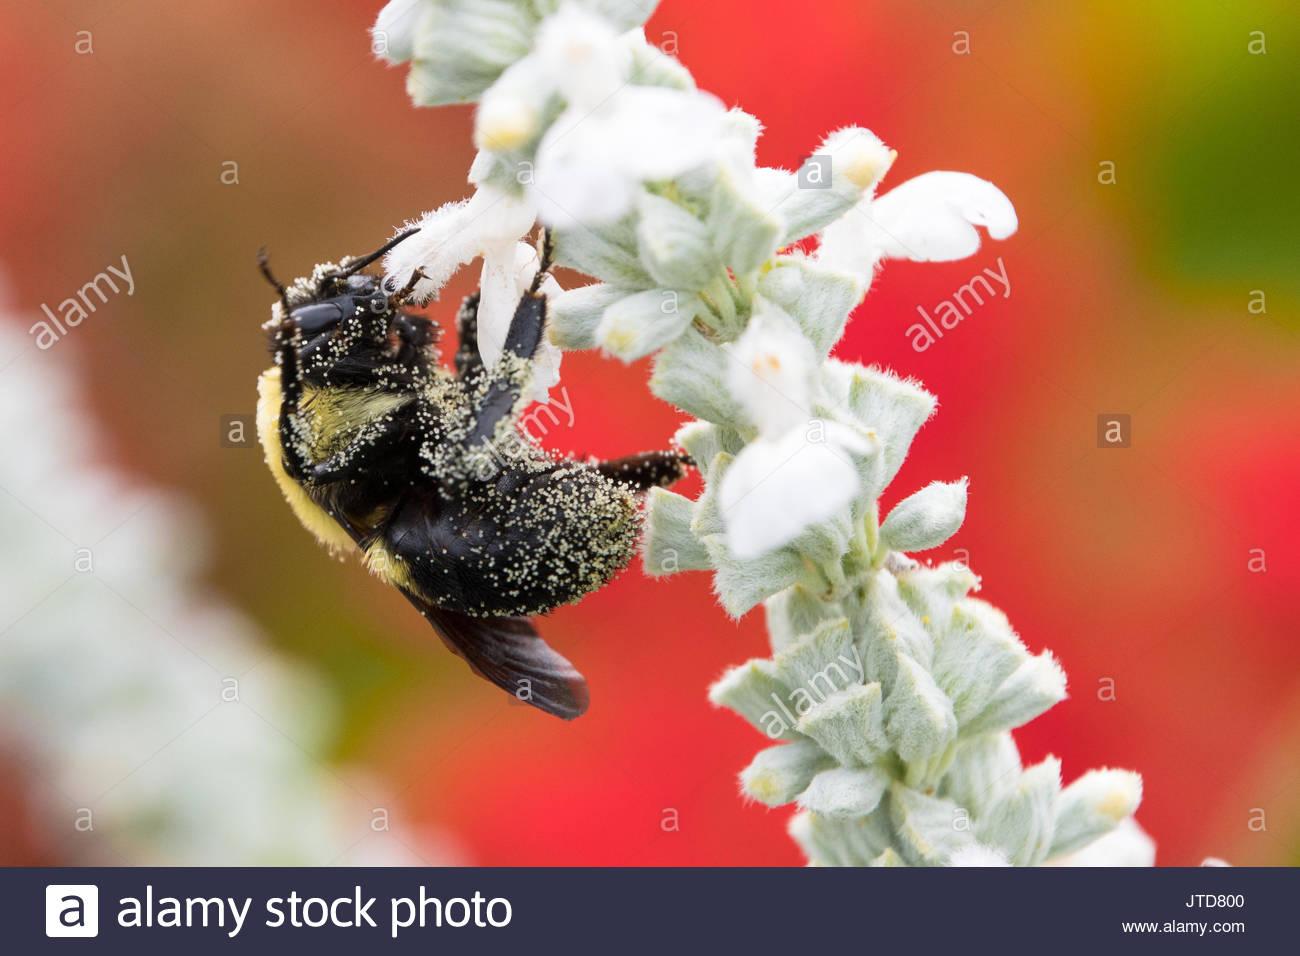 Die bestäubung Biene Insekt in einem weißen und roten Blumen Garten in der Stadt Stockbild